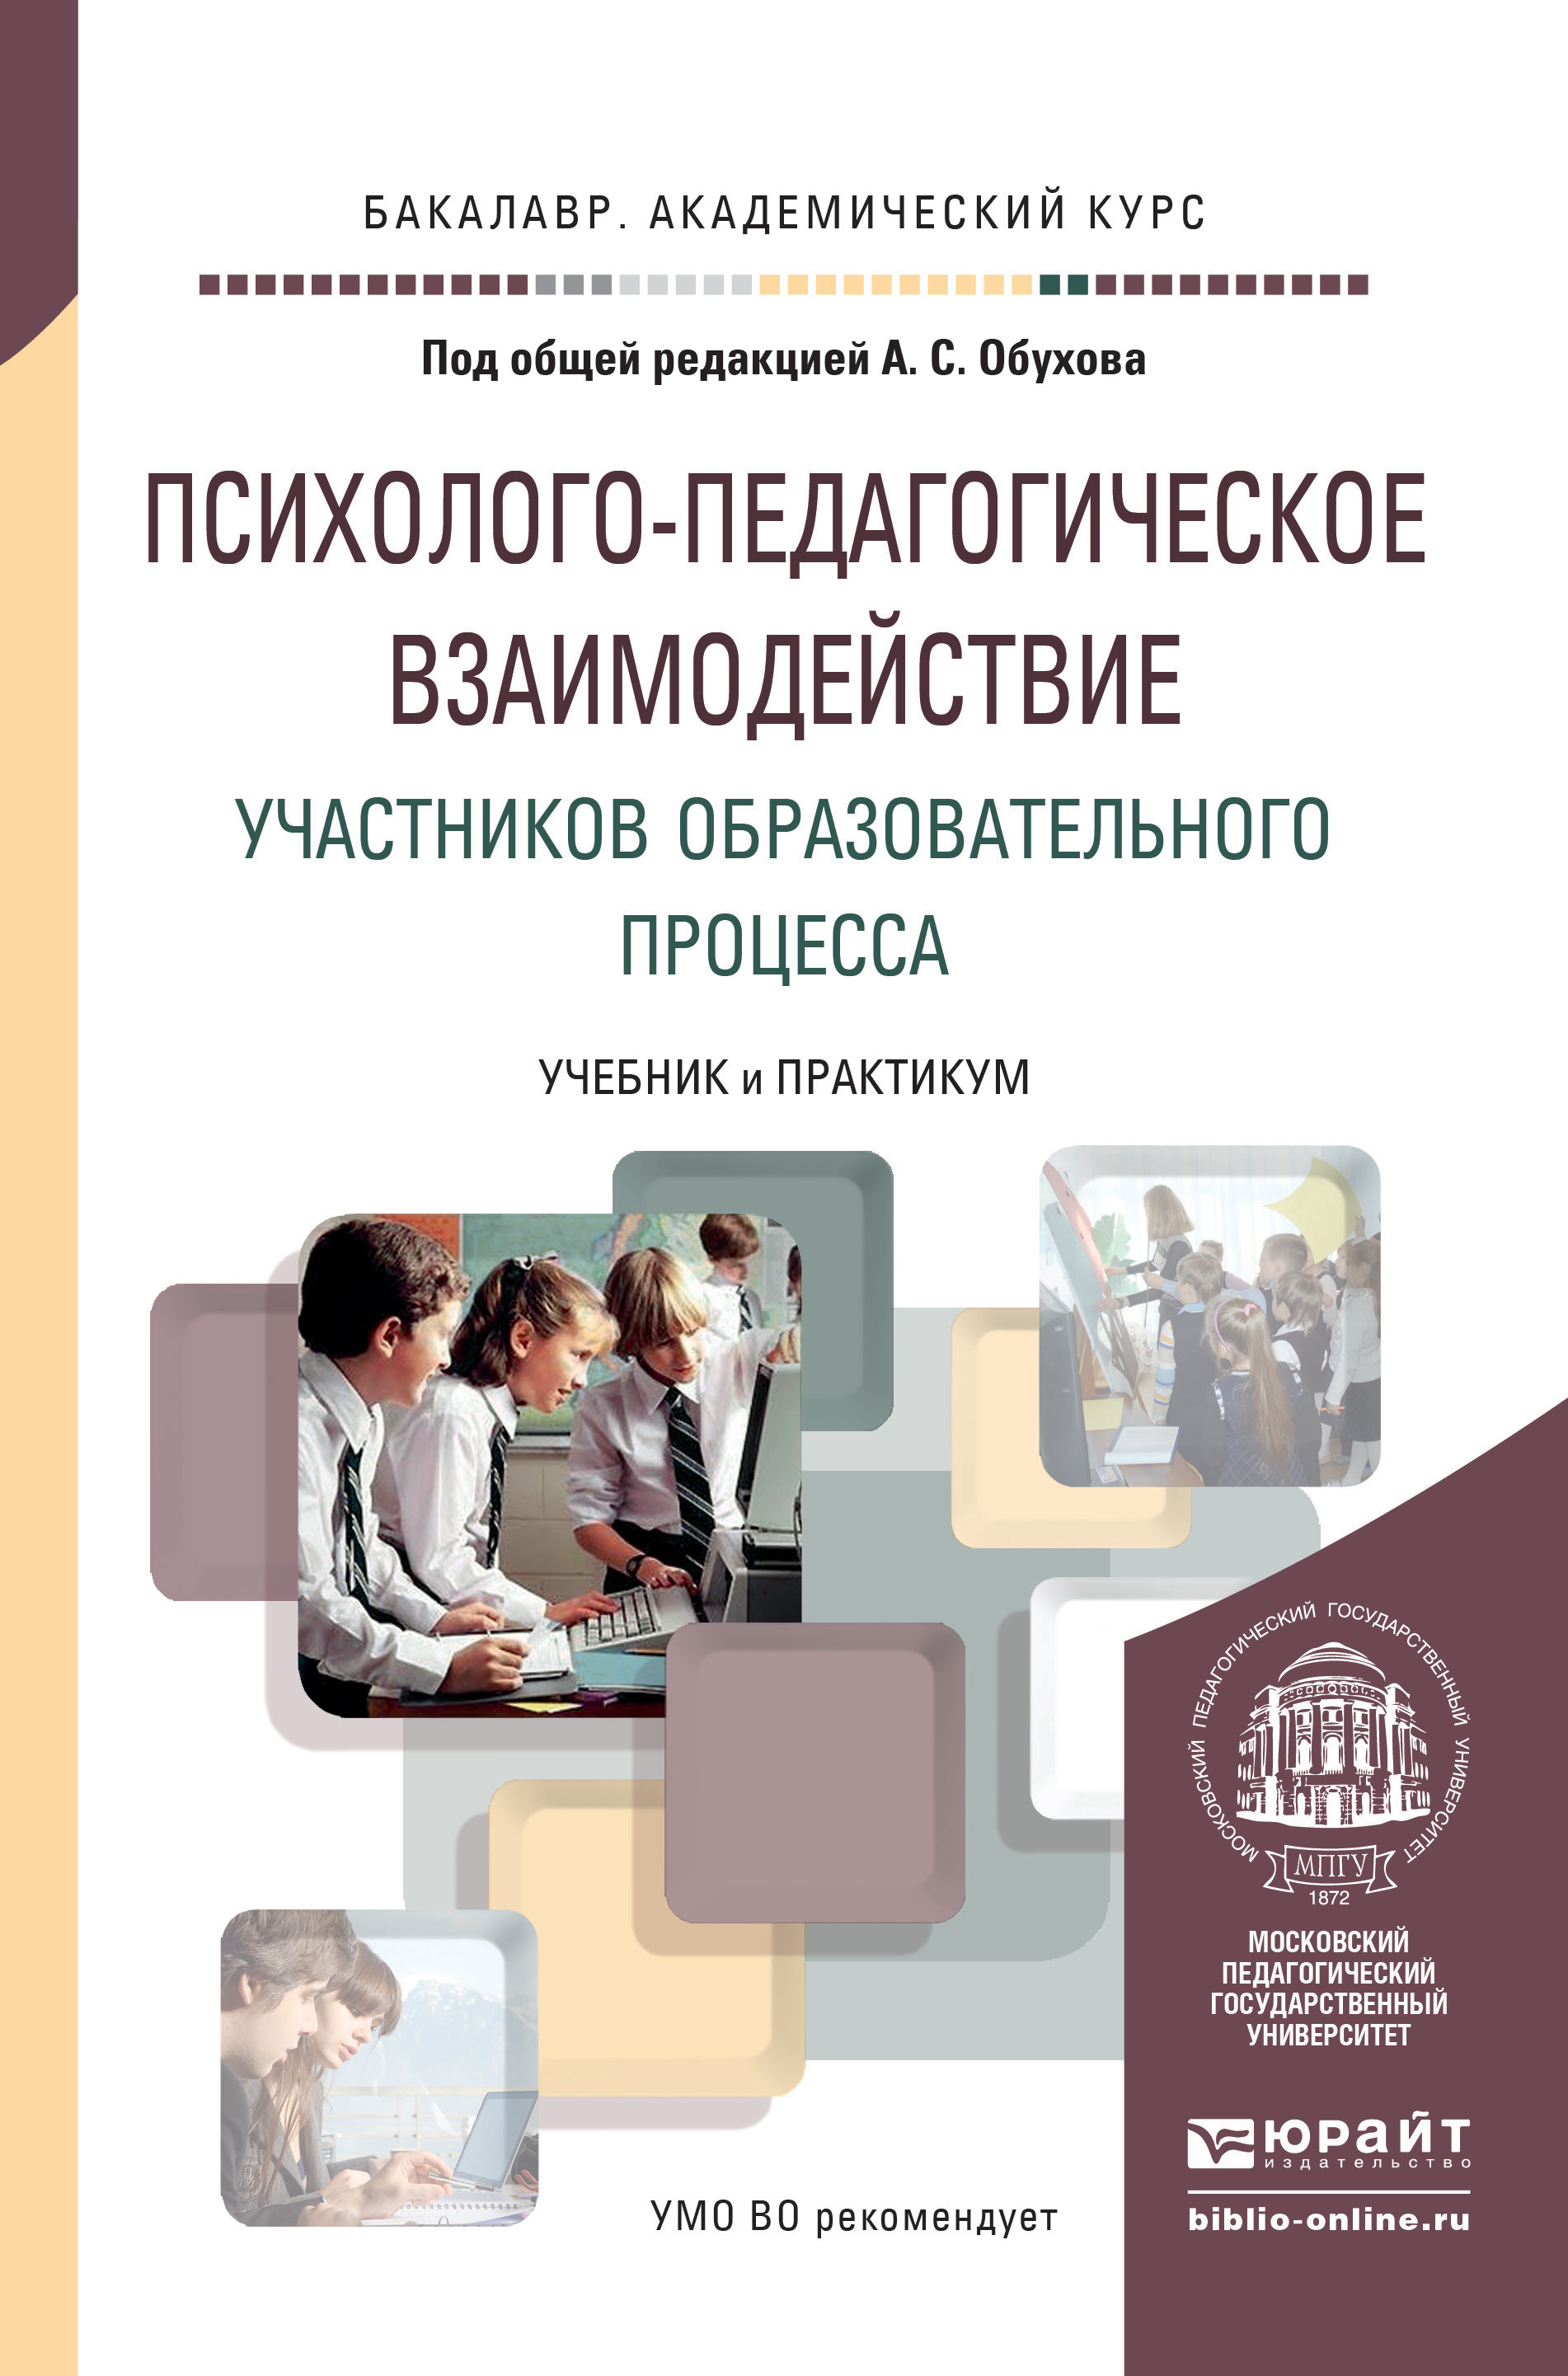 Психолого-педагогическое взаимодействие участников образовательного процесса. Учебник и практикум для академического бакалавриата